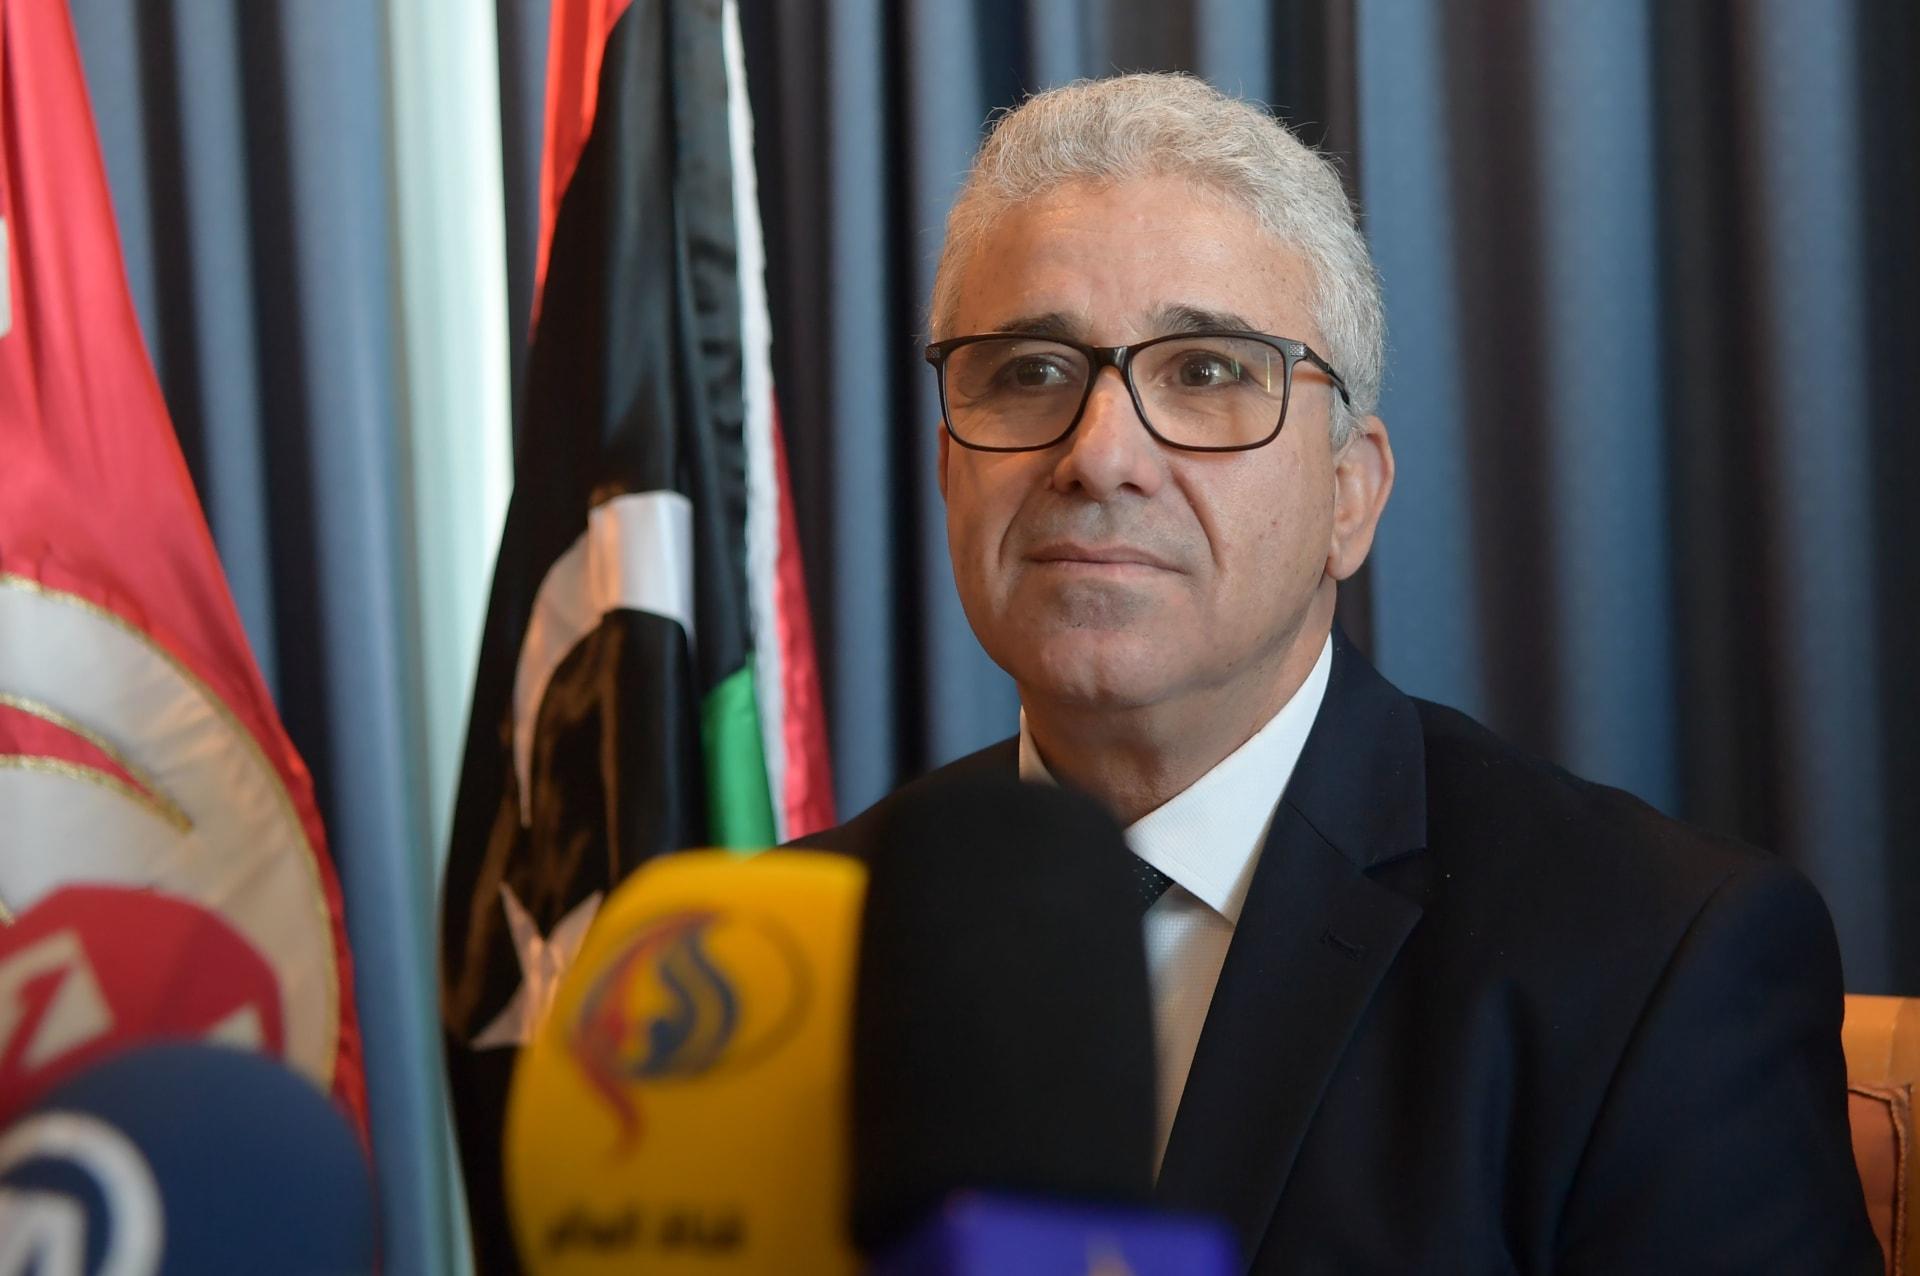 """وزير داخلية """"الوفاق"""": اتفاق وقف إطلاق النار في ليبيا رعته دول شقيقة وصديقة"""